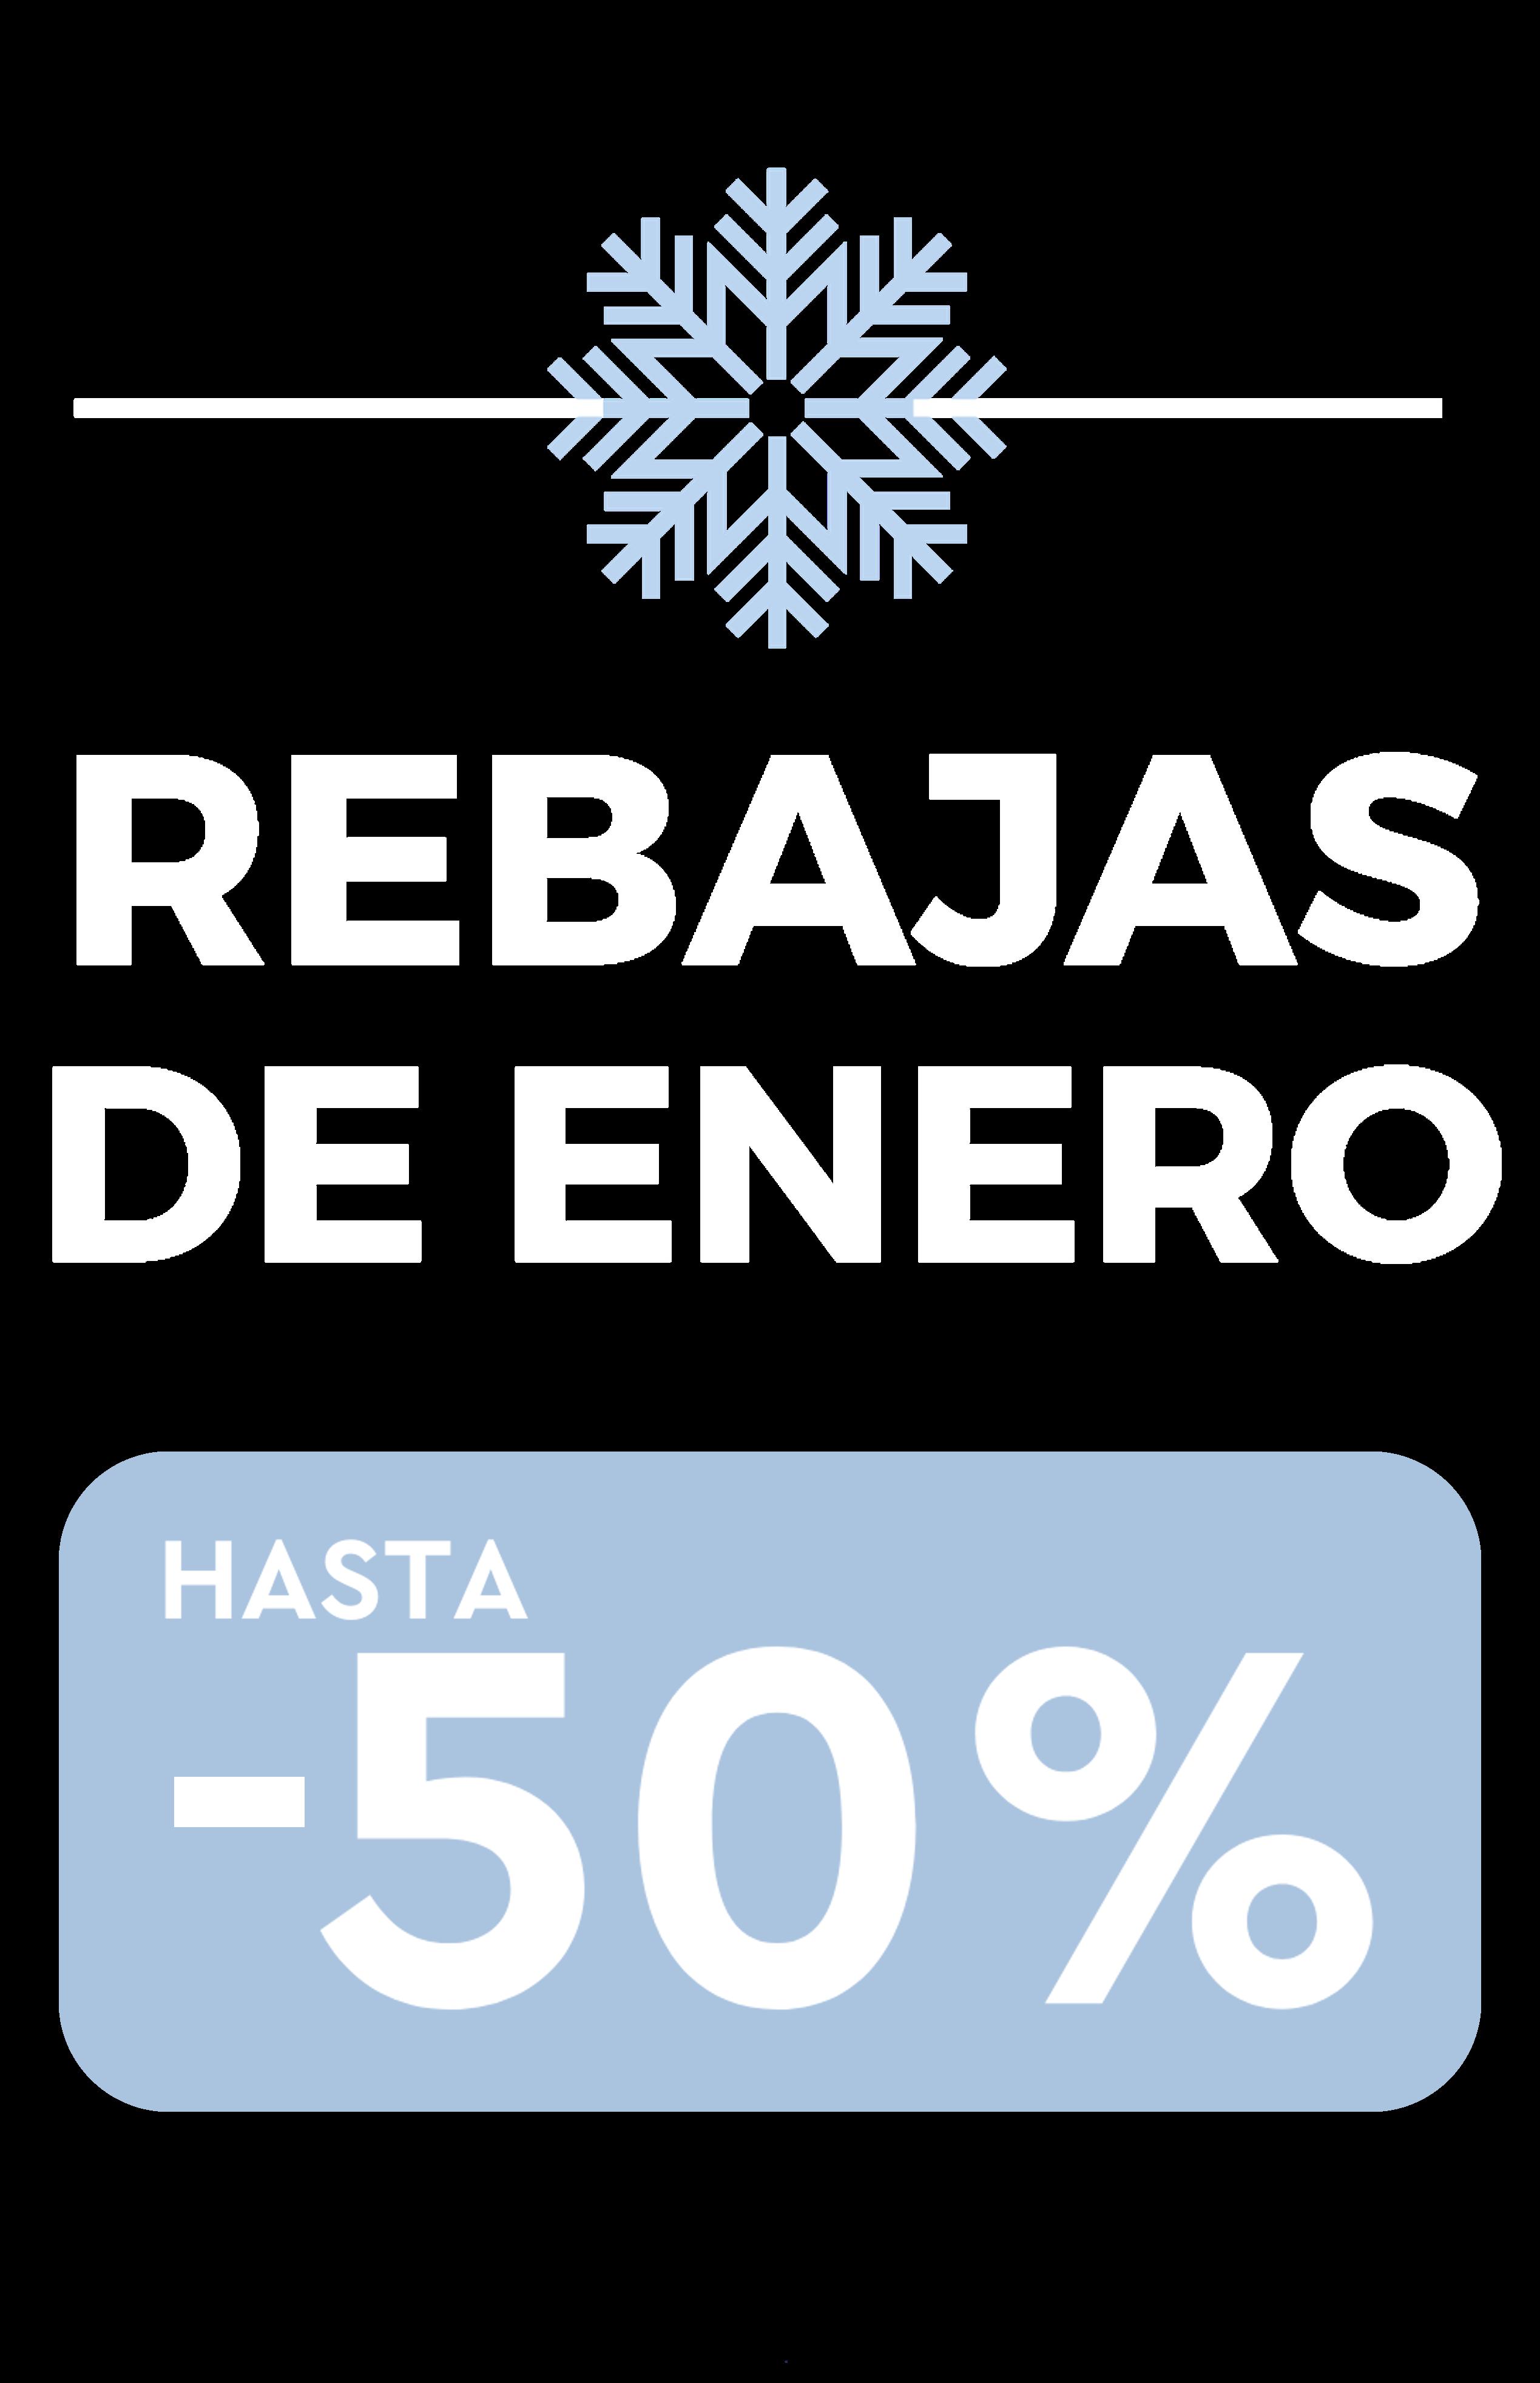 Hasta 50% dto